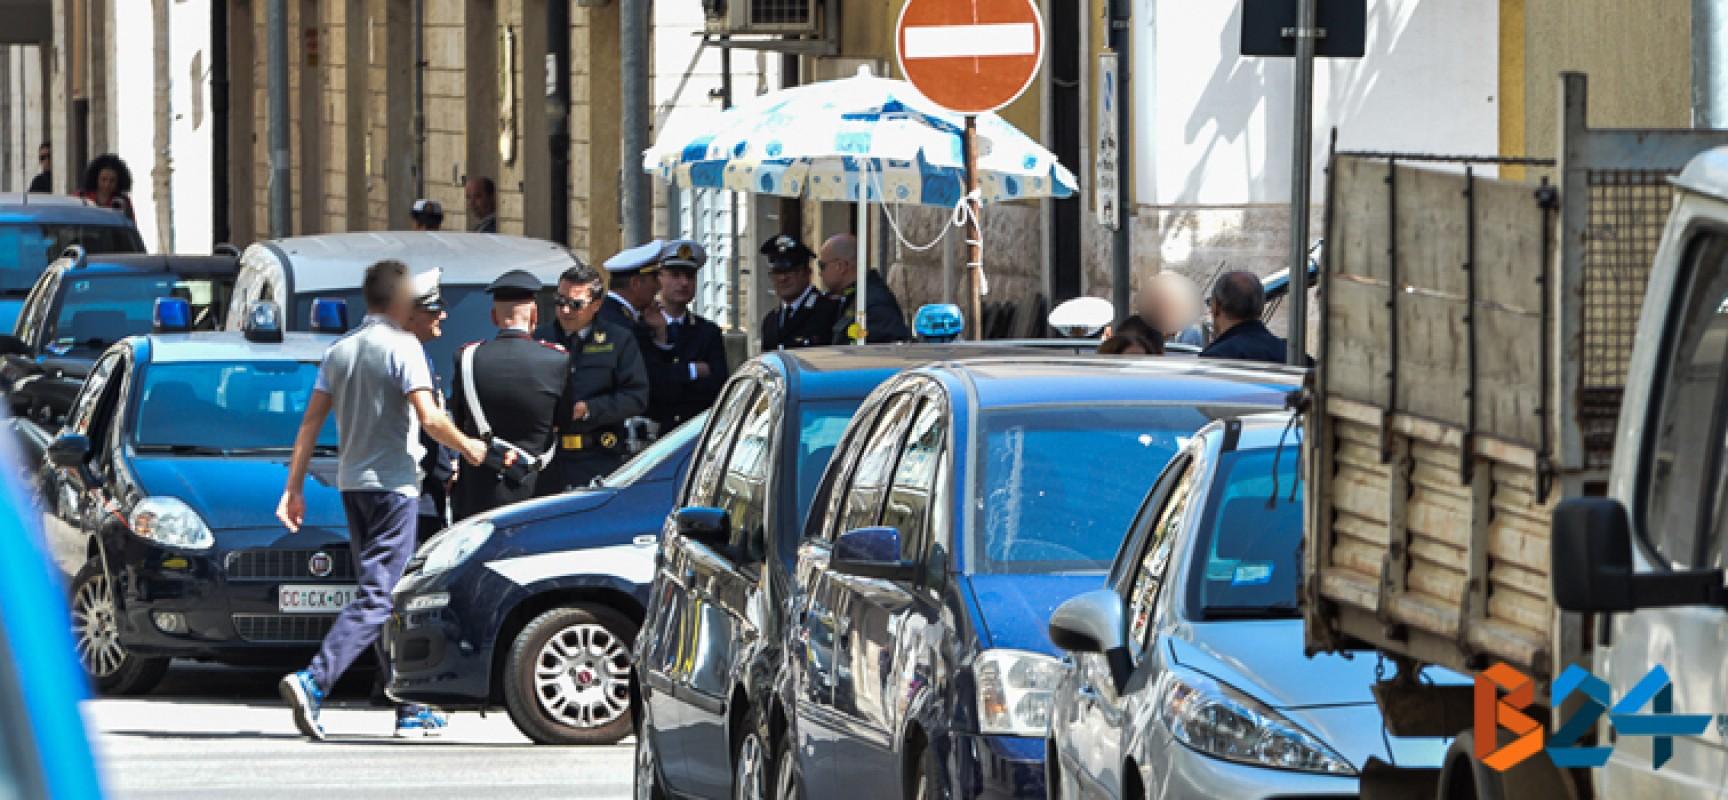 Giro di vite sull'occupazione di suolo pubblico: gli esiti dell'operazione delle forze dell'ordine